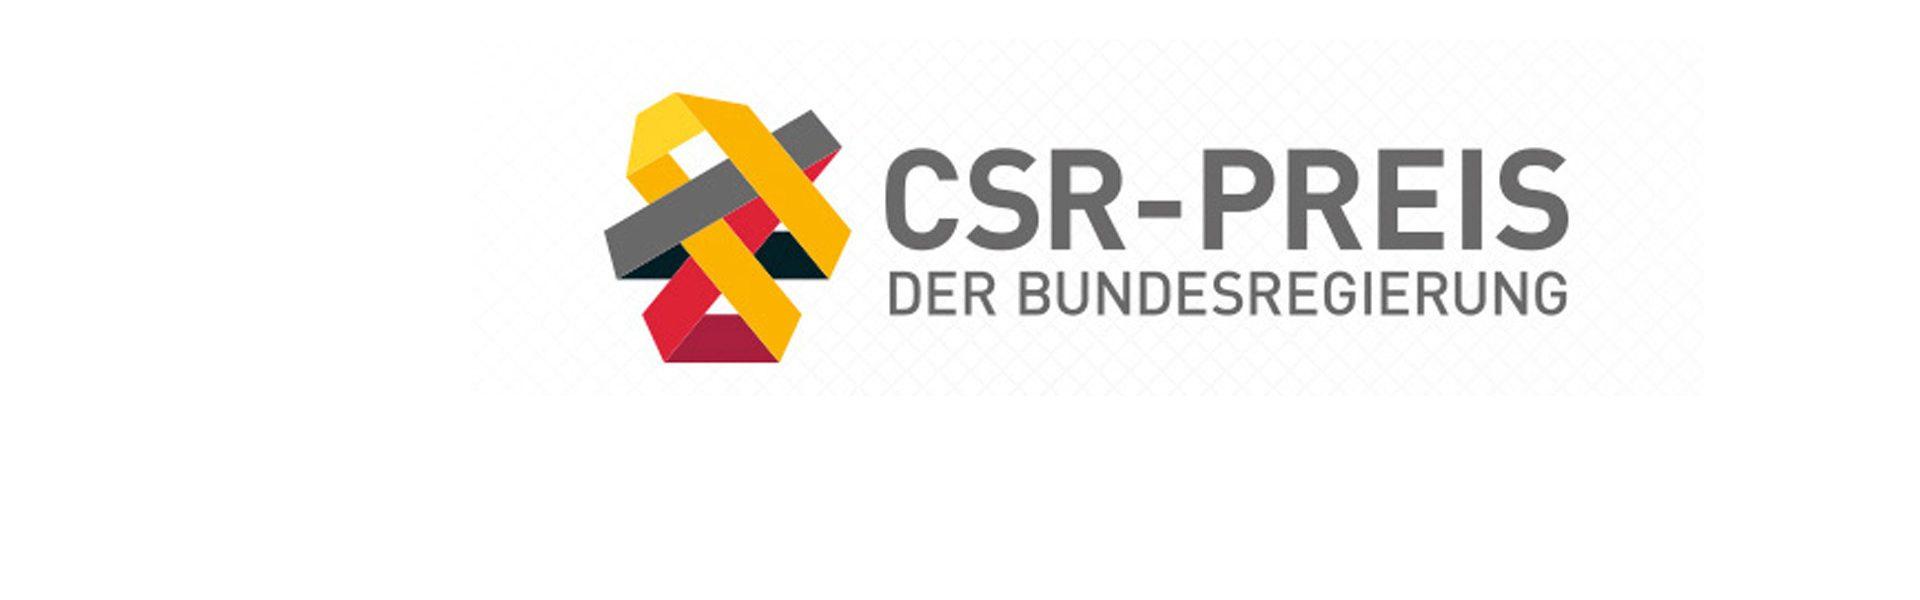 Header Bild HEAG gewinnt CSR-Preis der Bundesregierung!